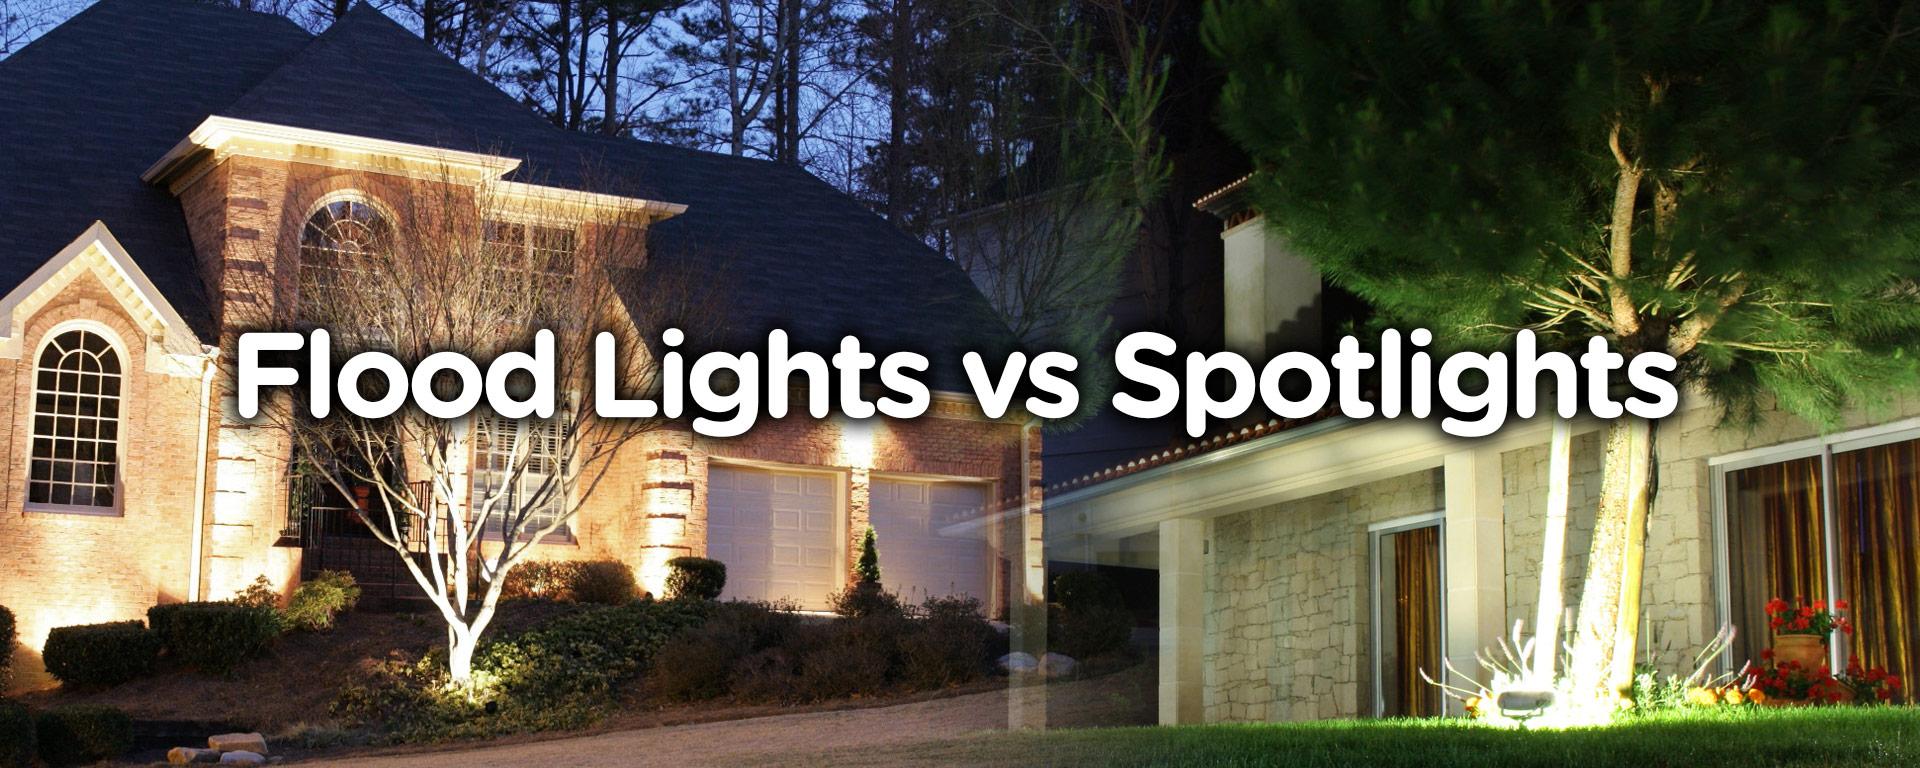 Halogen Light Vs Led >> Backyard Flood Light vs Spotlight - RecessedLightsPRO